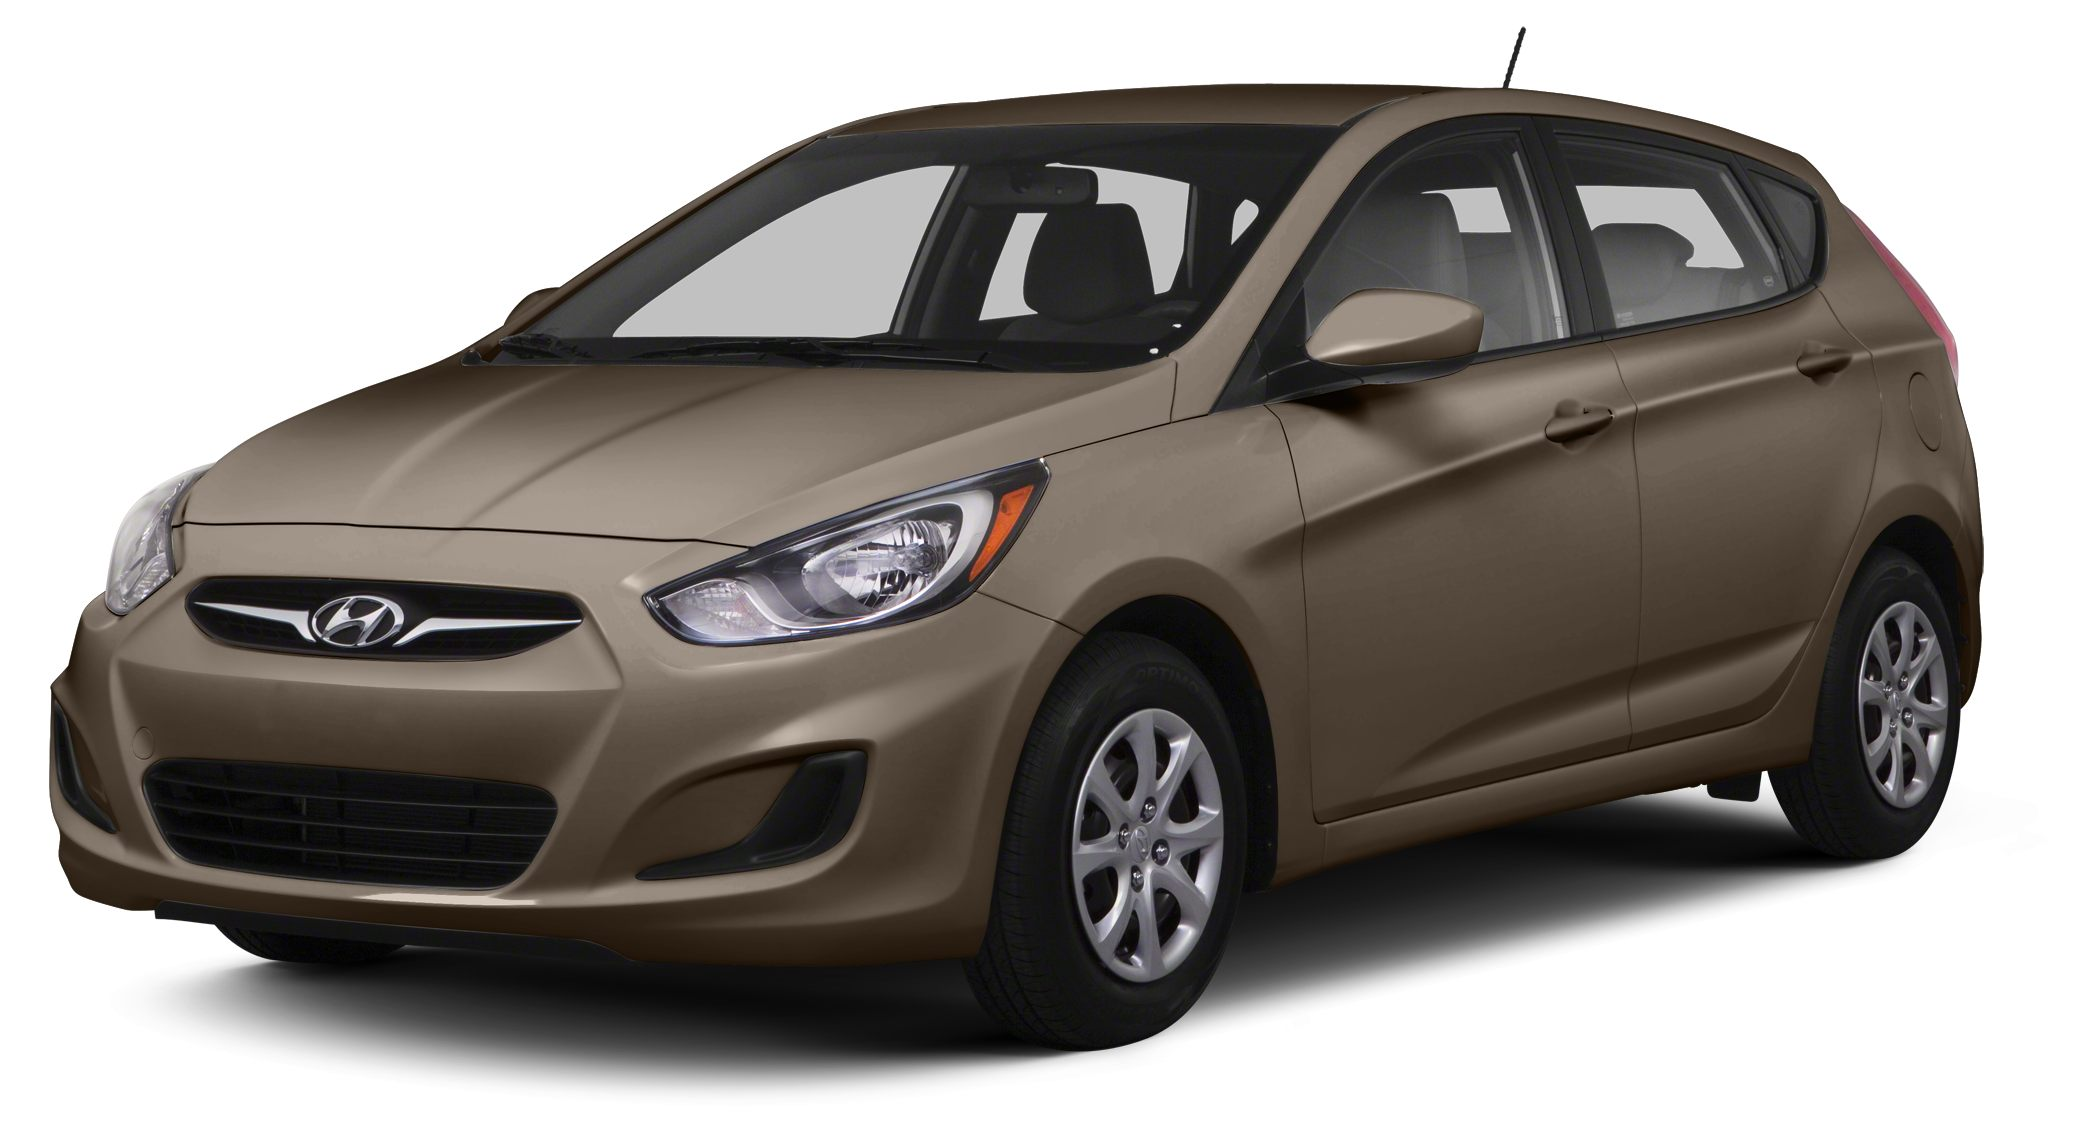 2013 Hyundai Accent SE Miles 26039Color Mocha Bronze Stock 3P2213 VIN KMHCU5AE1DU075115